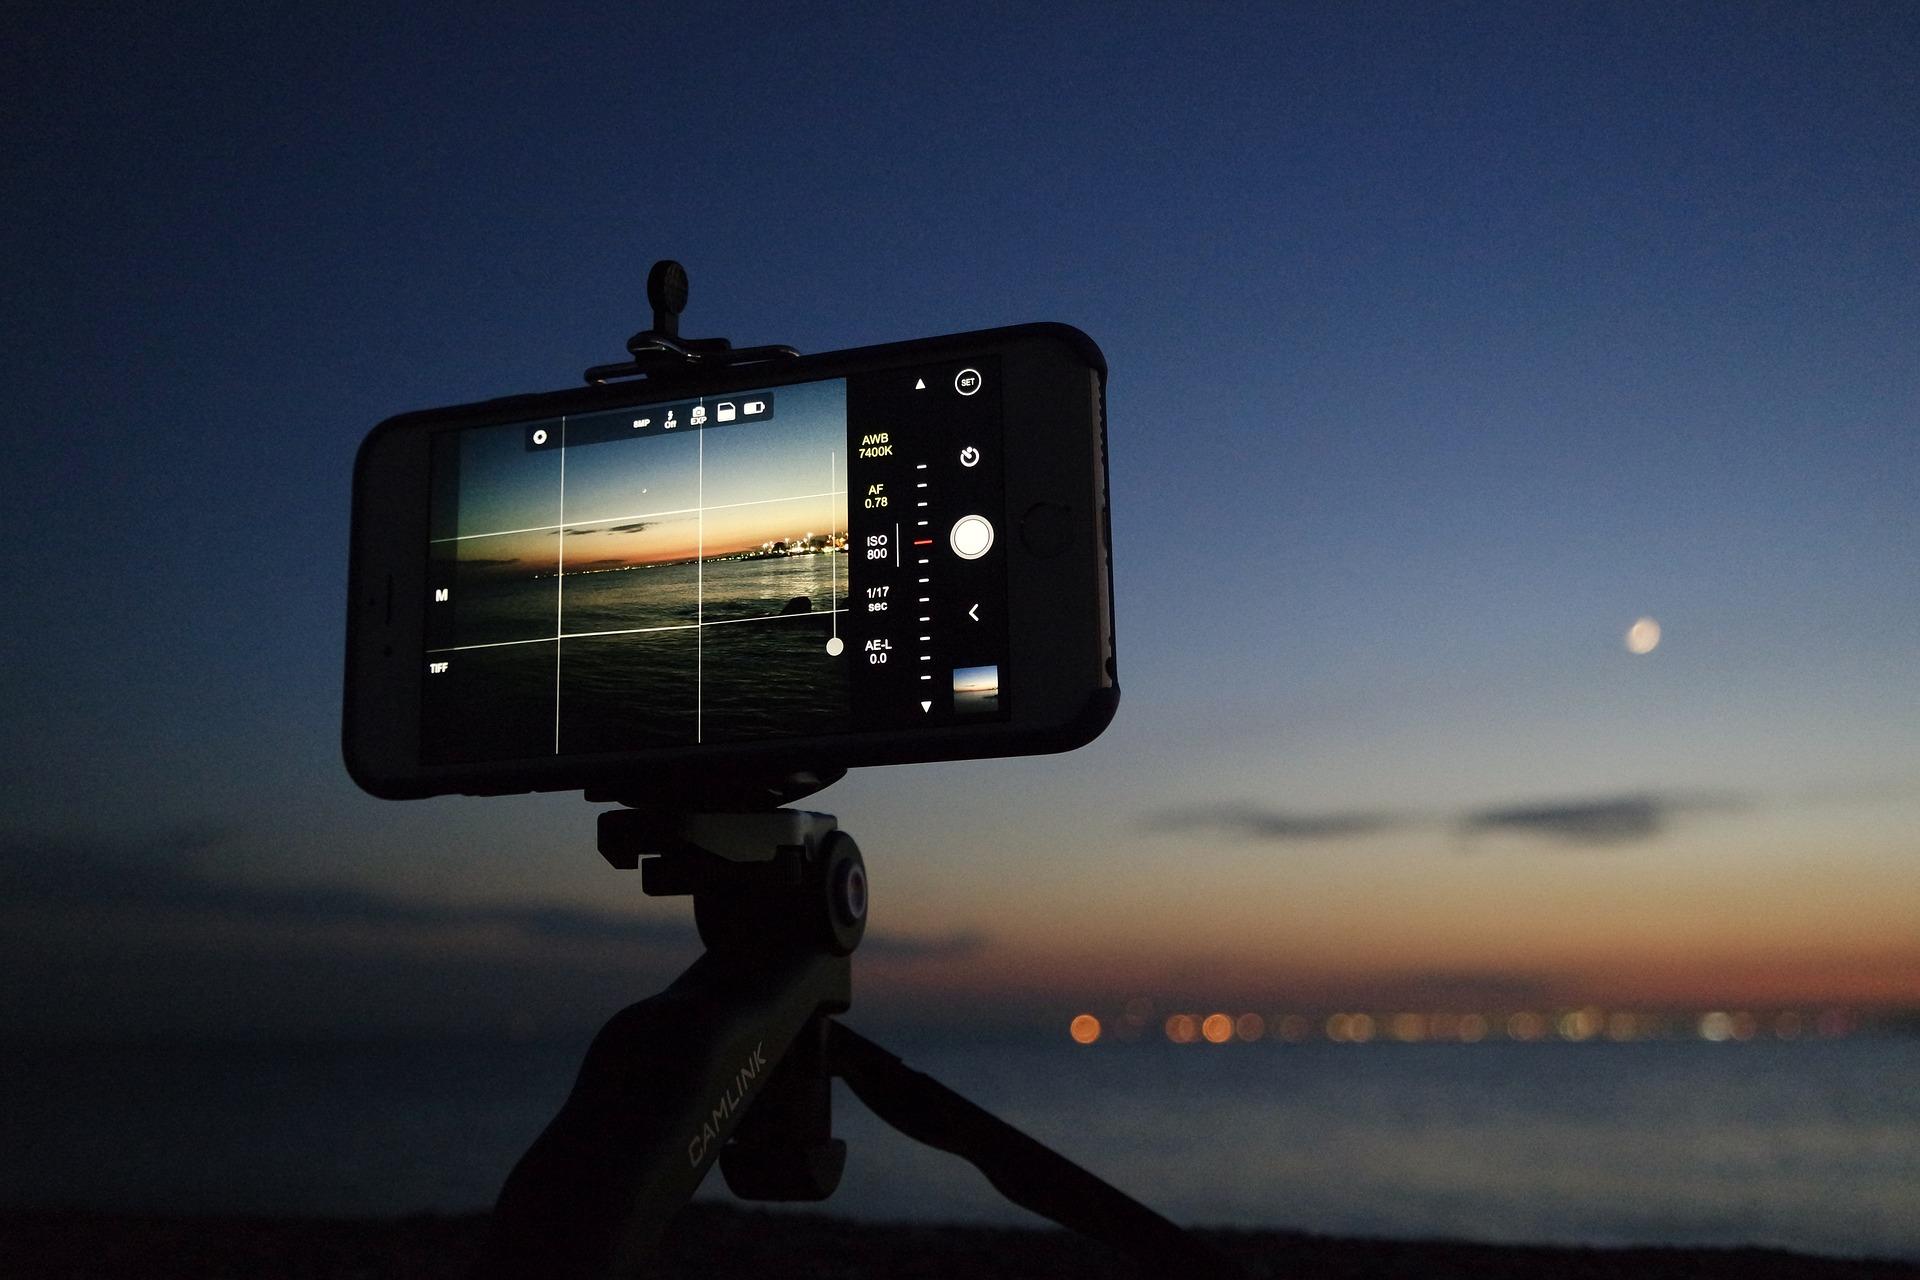 Hướng dẫn cách chụp ảnh đẹp cho Iphone 2